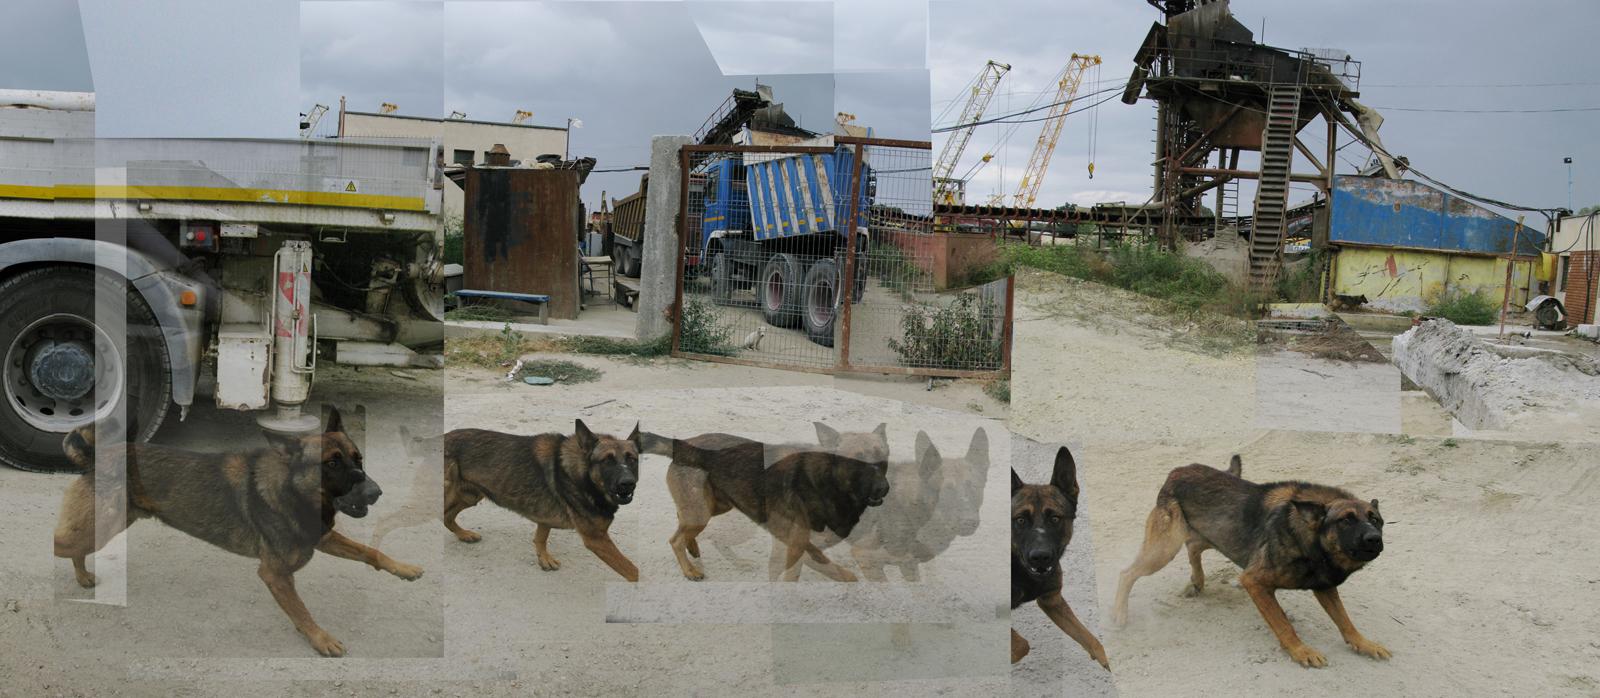 04_Reconstructie_ Dunarea_Ovidiu Balastiera_2011-2012